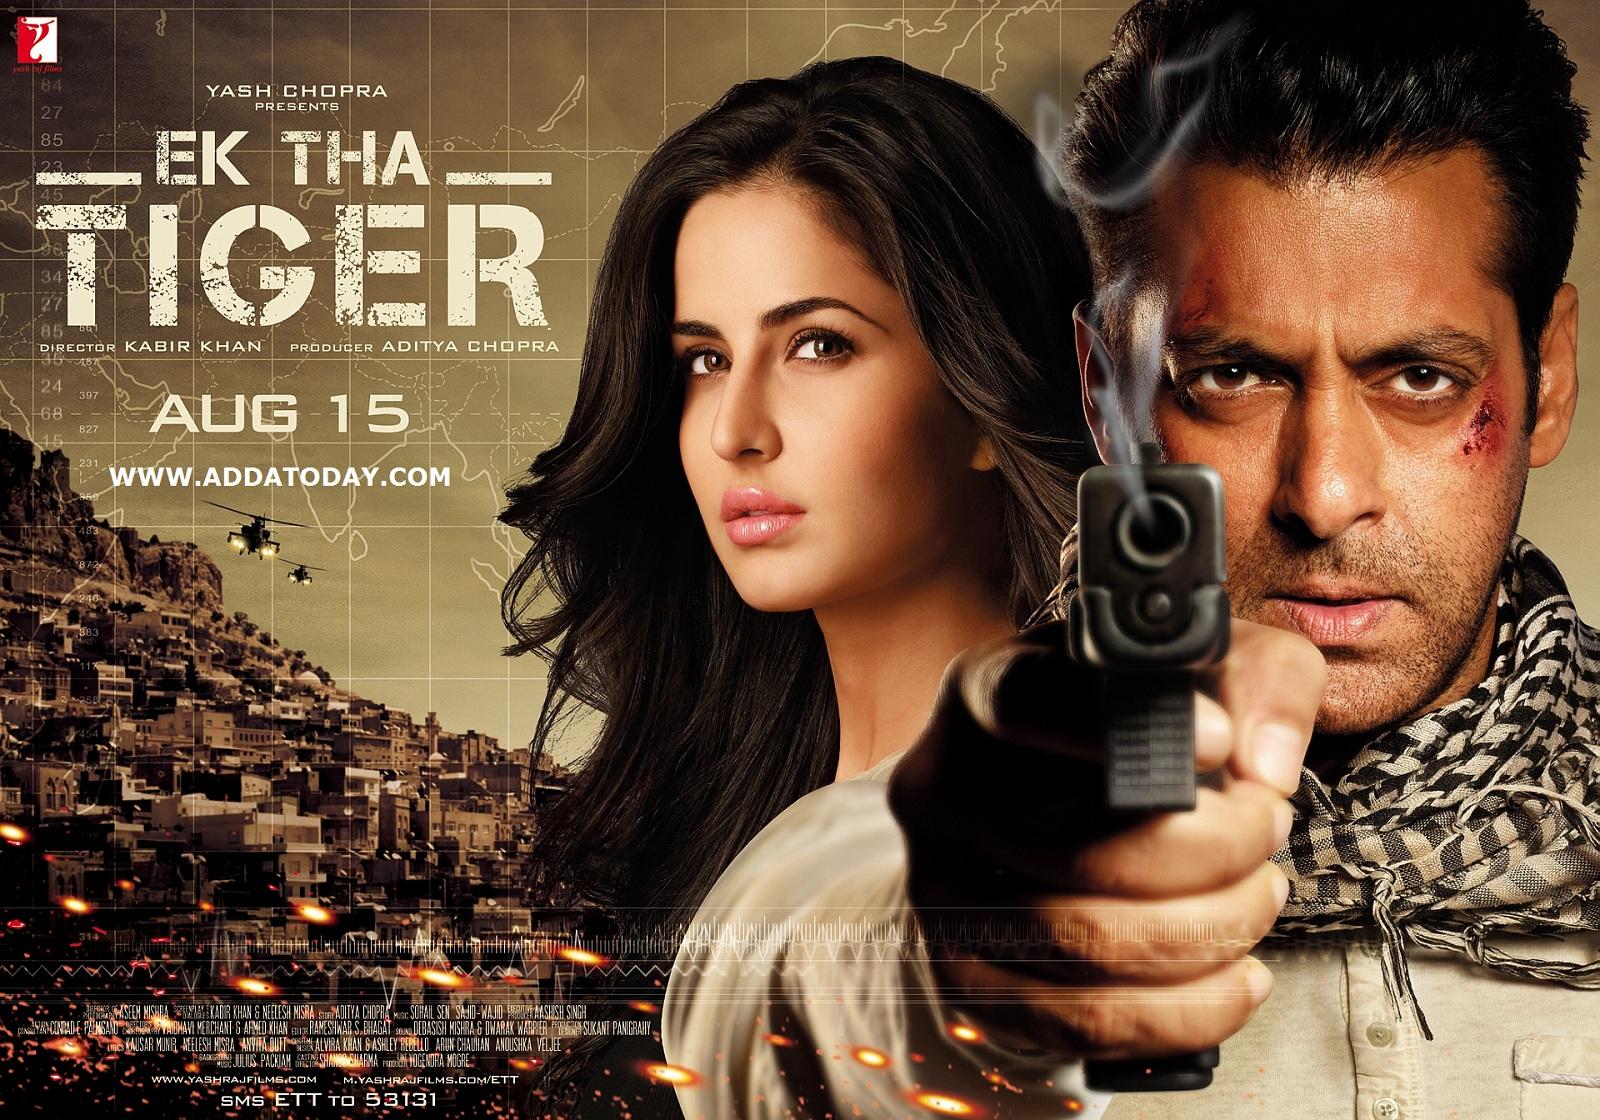 http://2.bp.blogspot.com/-_7dBNl8t5MQ/T-mZ7p4cacI/AAAAAAAAFVE/bws1r-O8T1w/s1600/ek+tha+tiger+HD+Movie+poster-addatoday.jpg